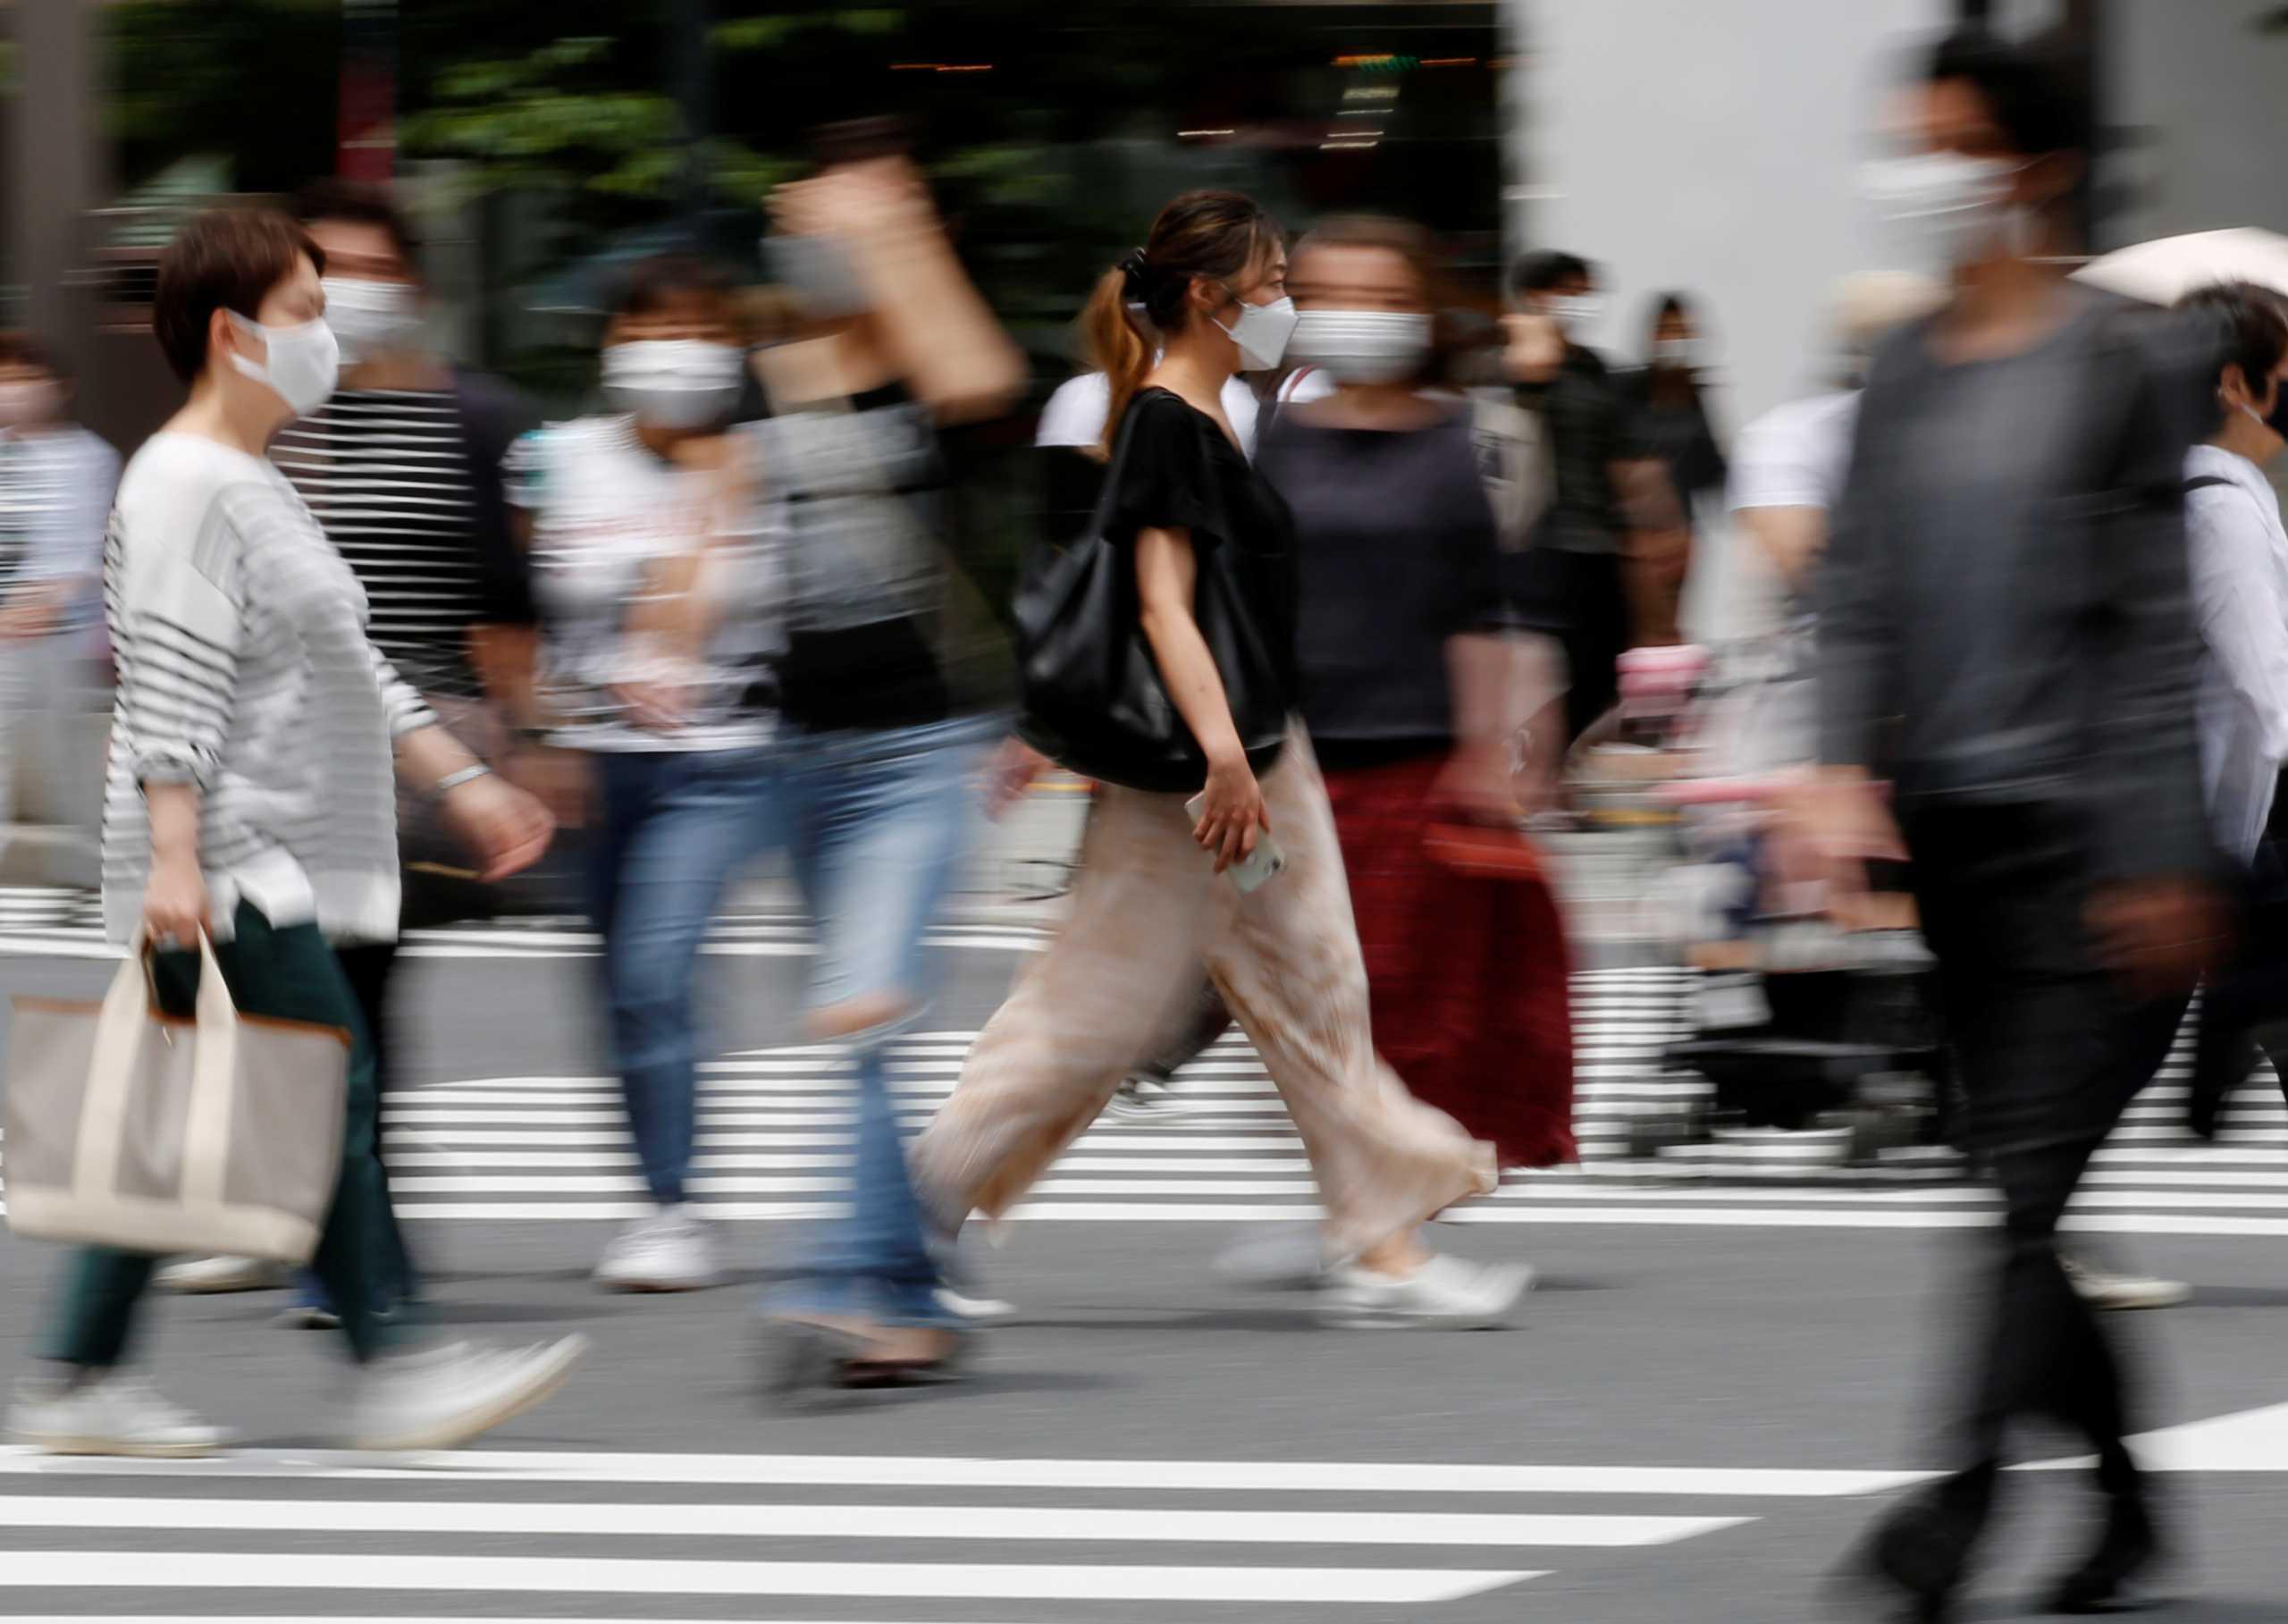 Ζαούτης: Γιατί δεν πρέπει να ανησυχούμε υπερβολικά για τις μεταλλάξεις του κορονοϊού